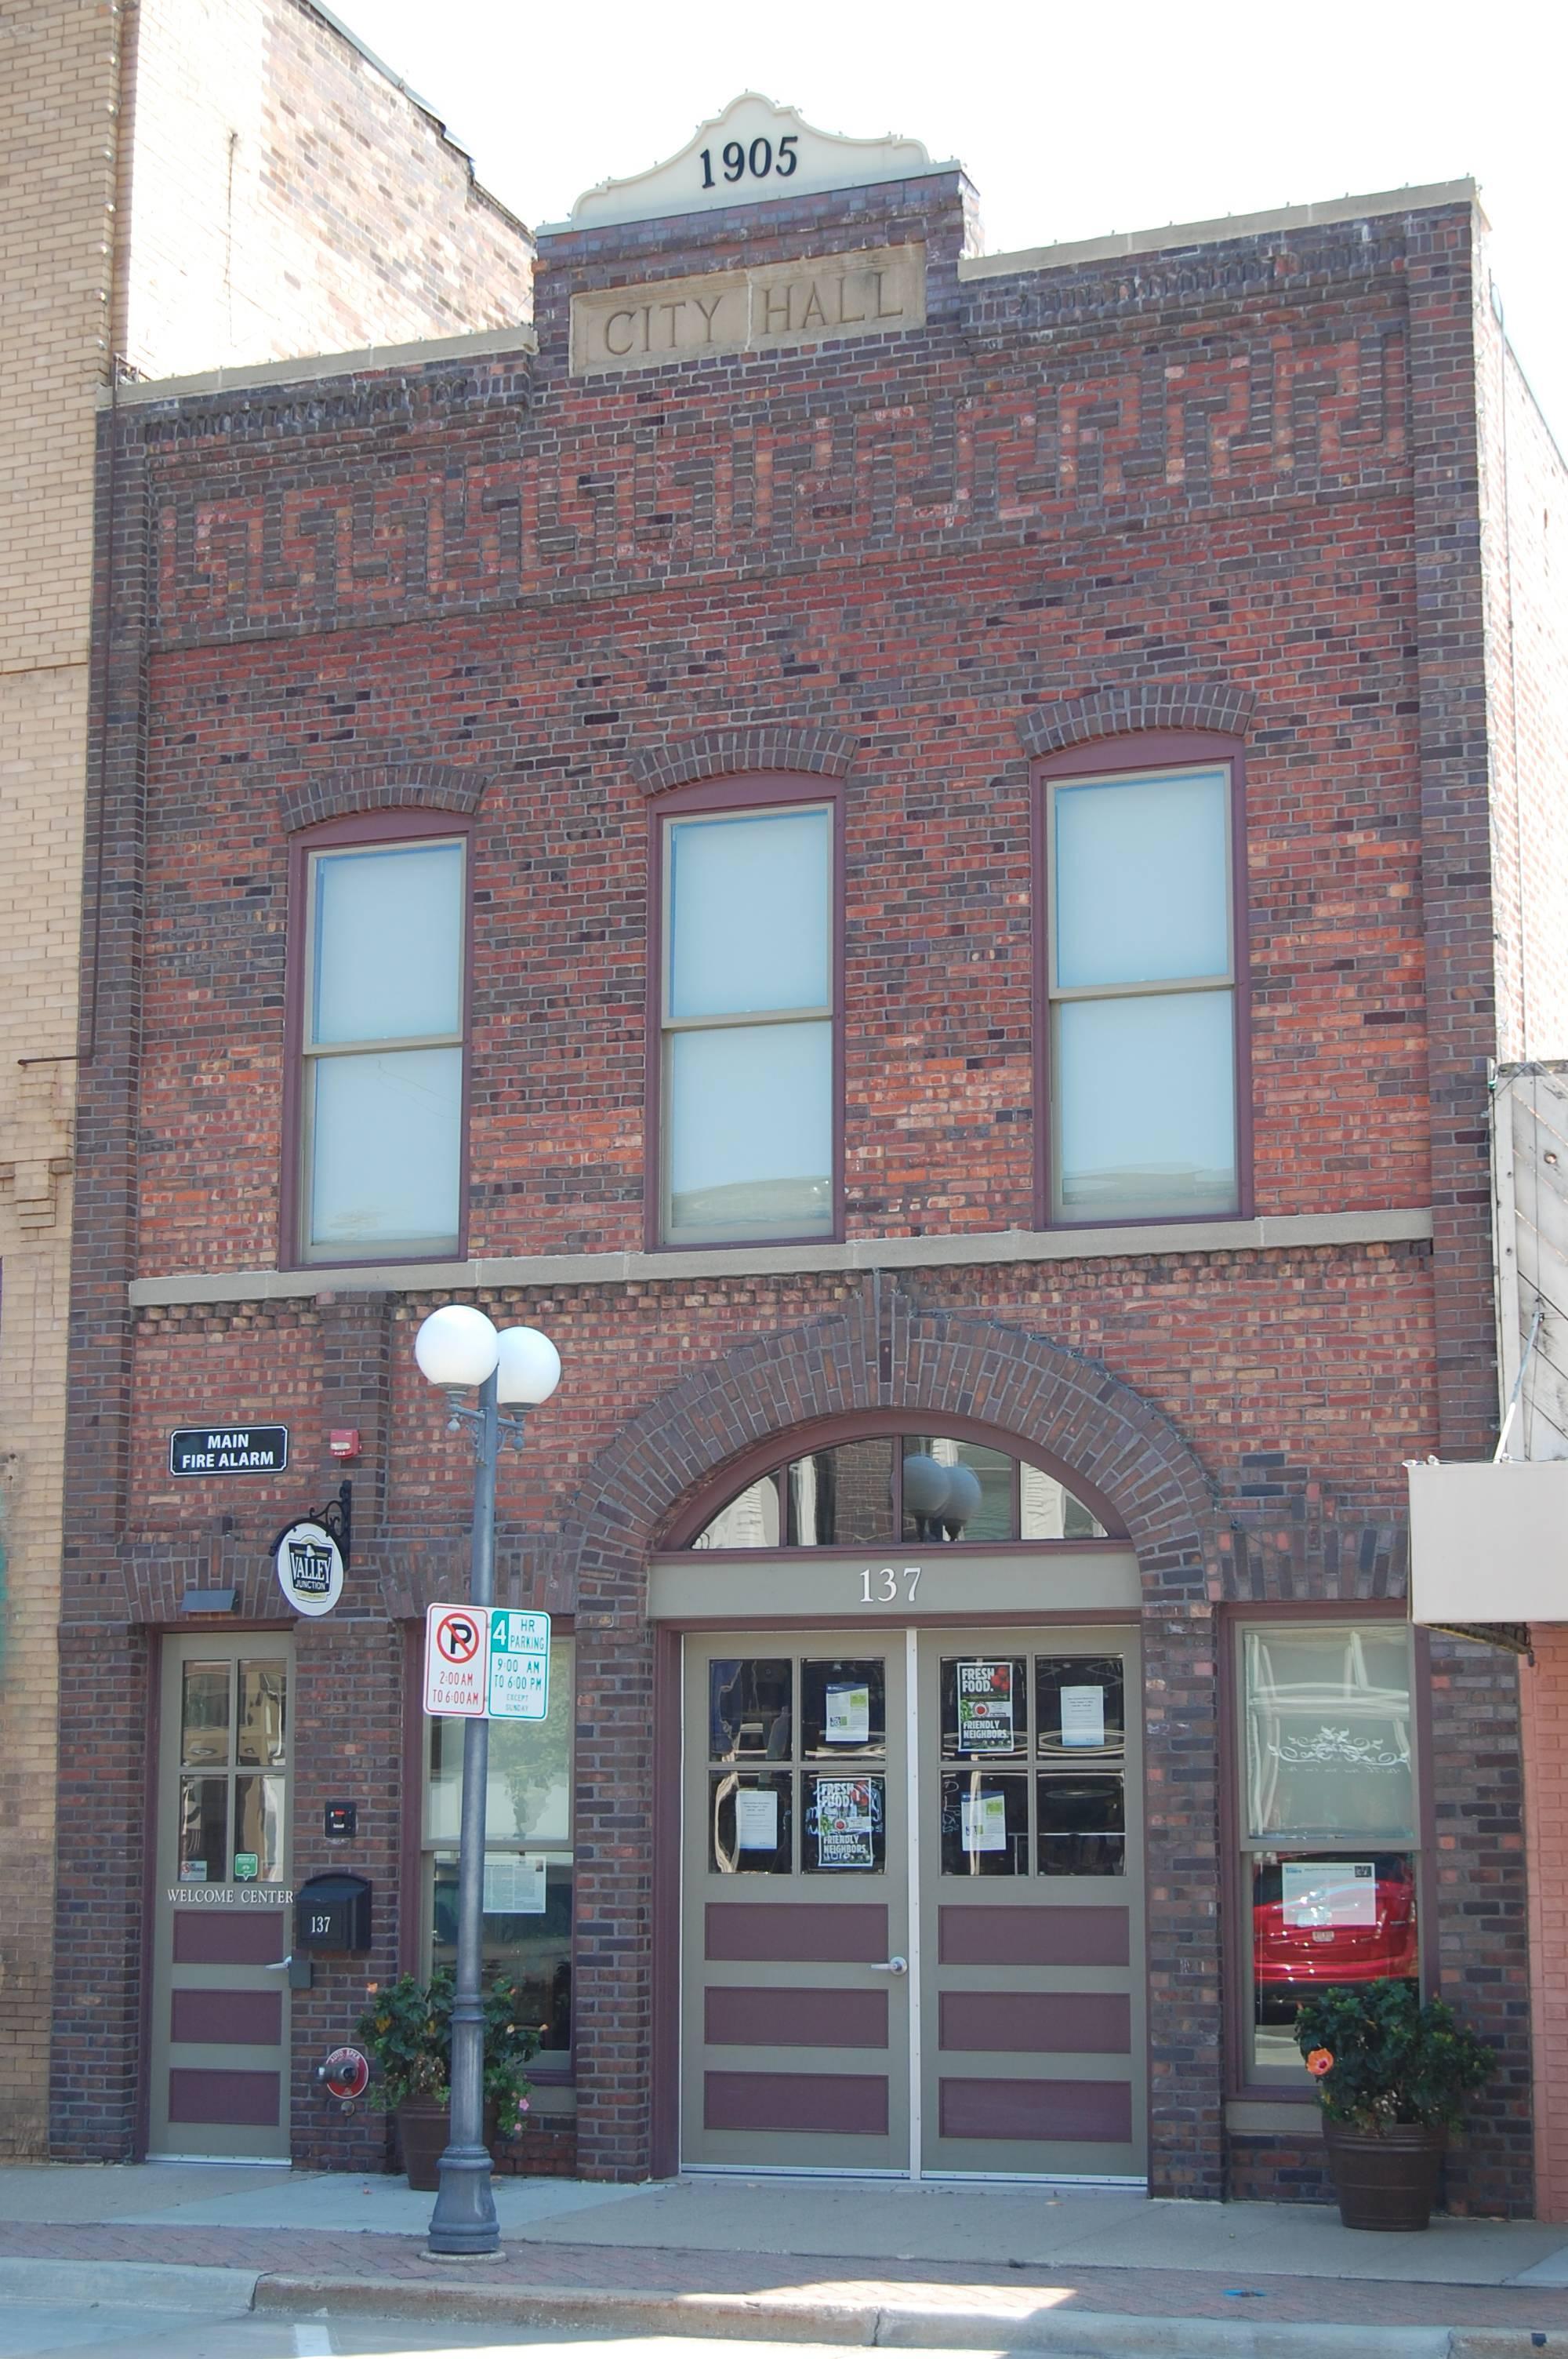 West Des Moines Historic City Hall